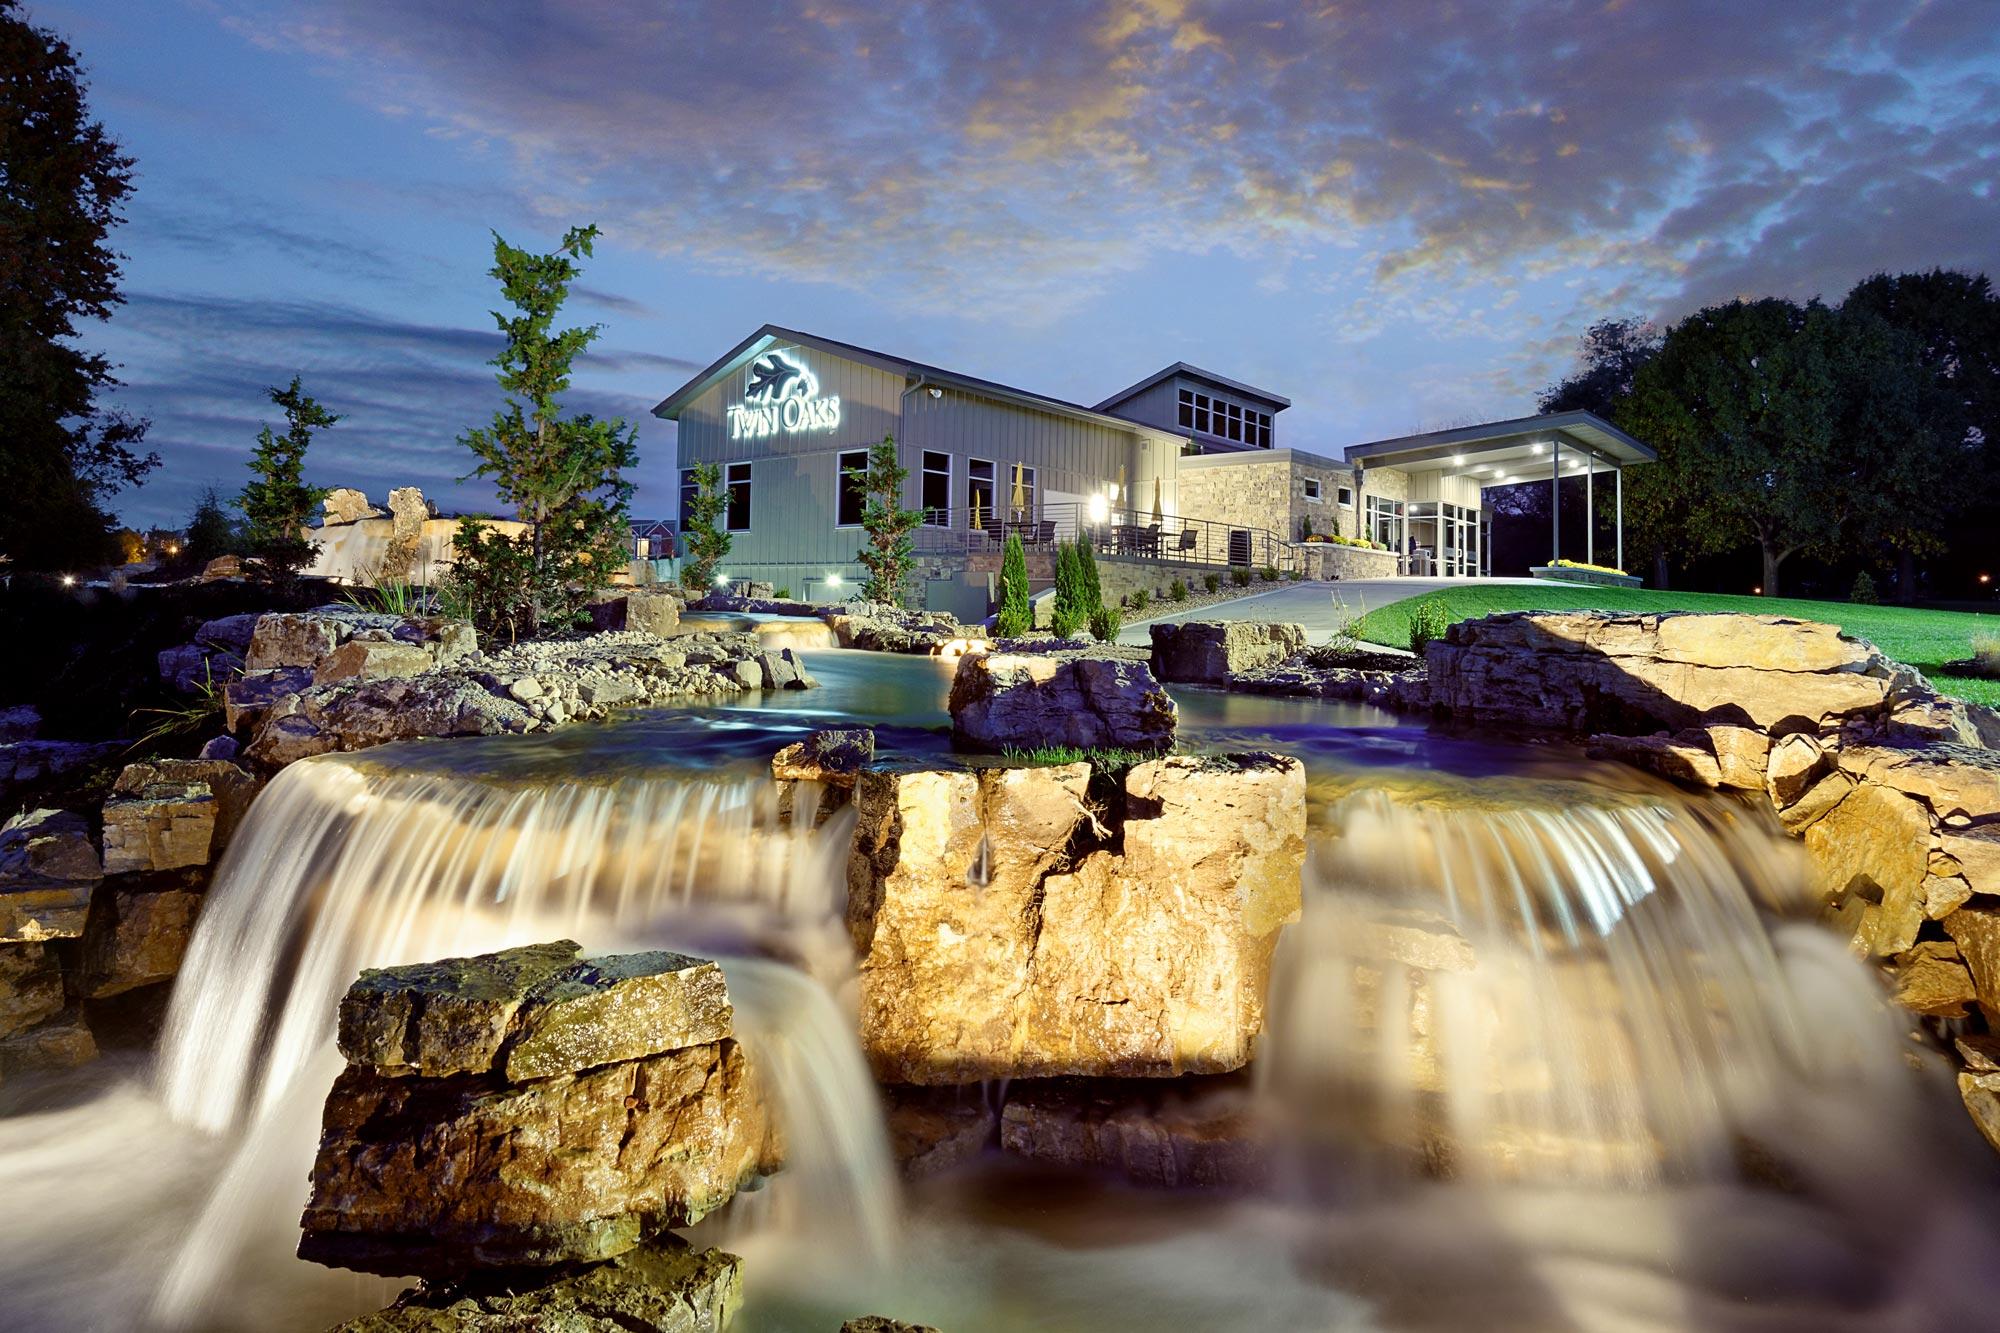 Twin-Oaks-Golf-Pro-Shop-H-Design-Exterior-02.jpg